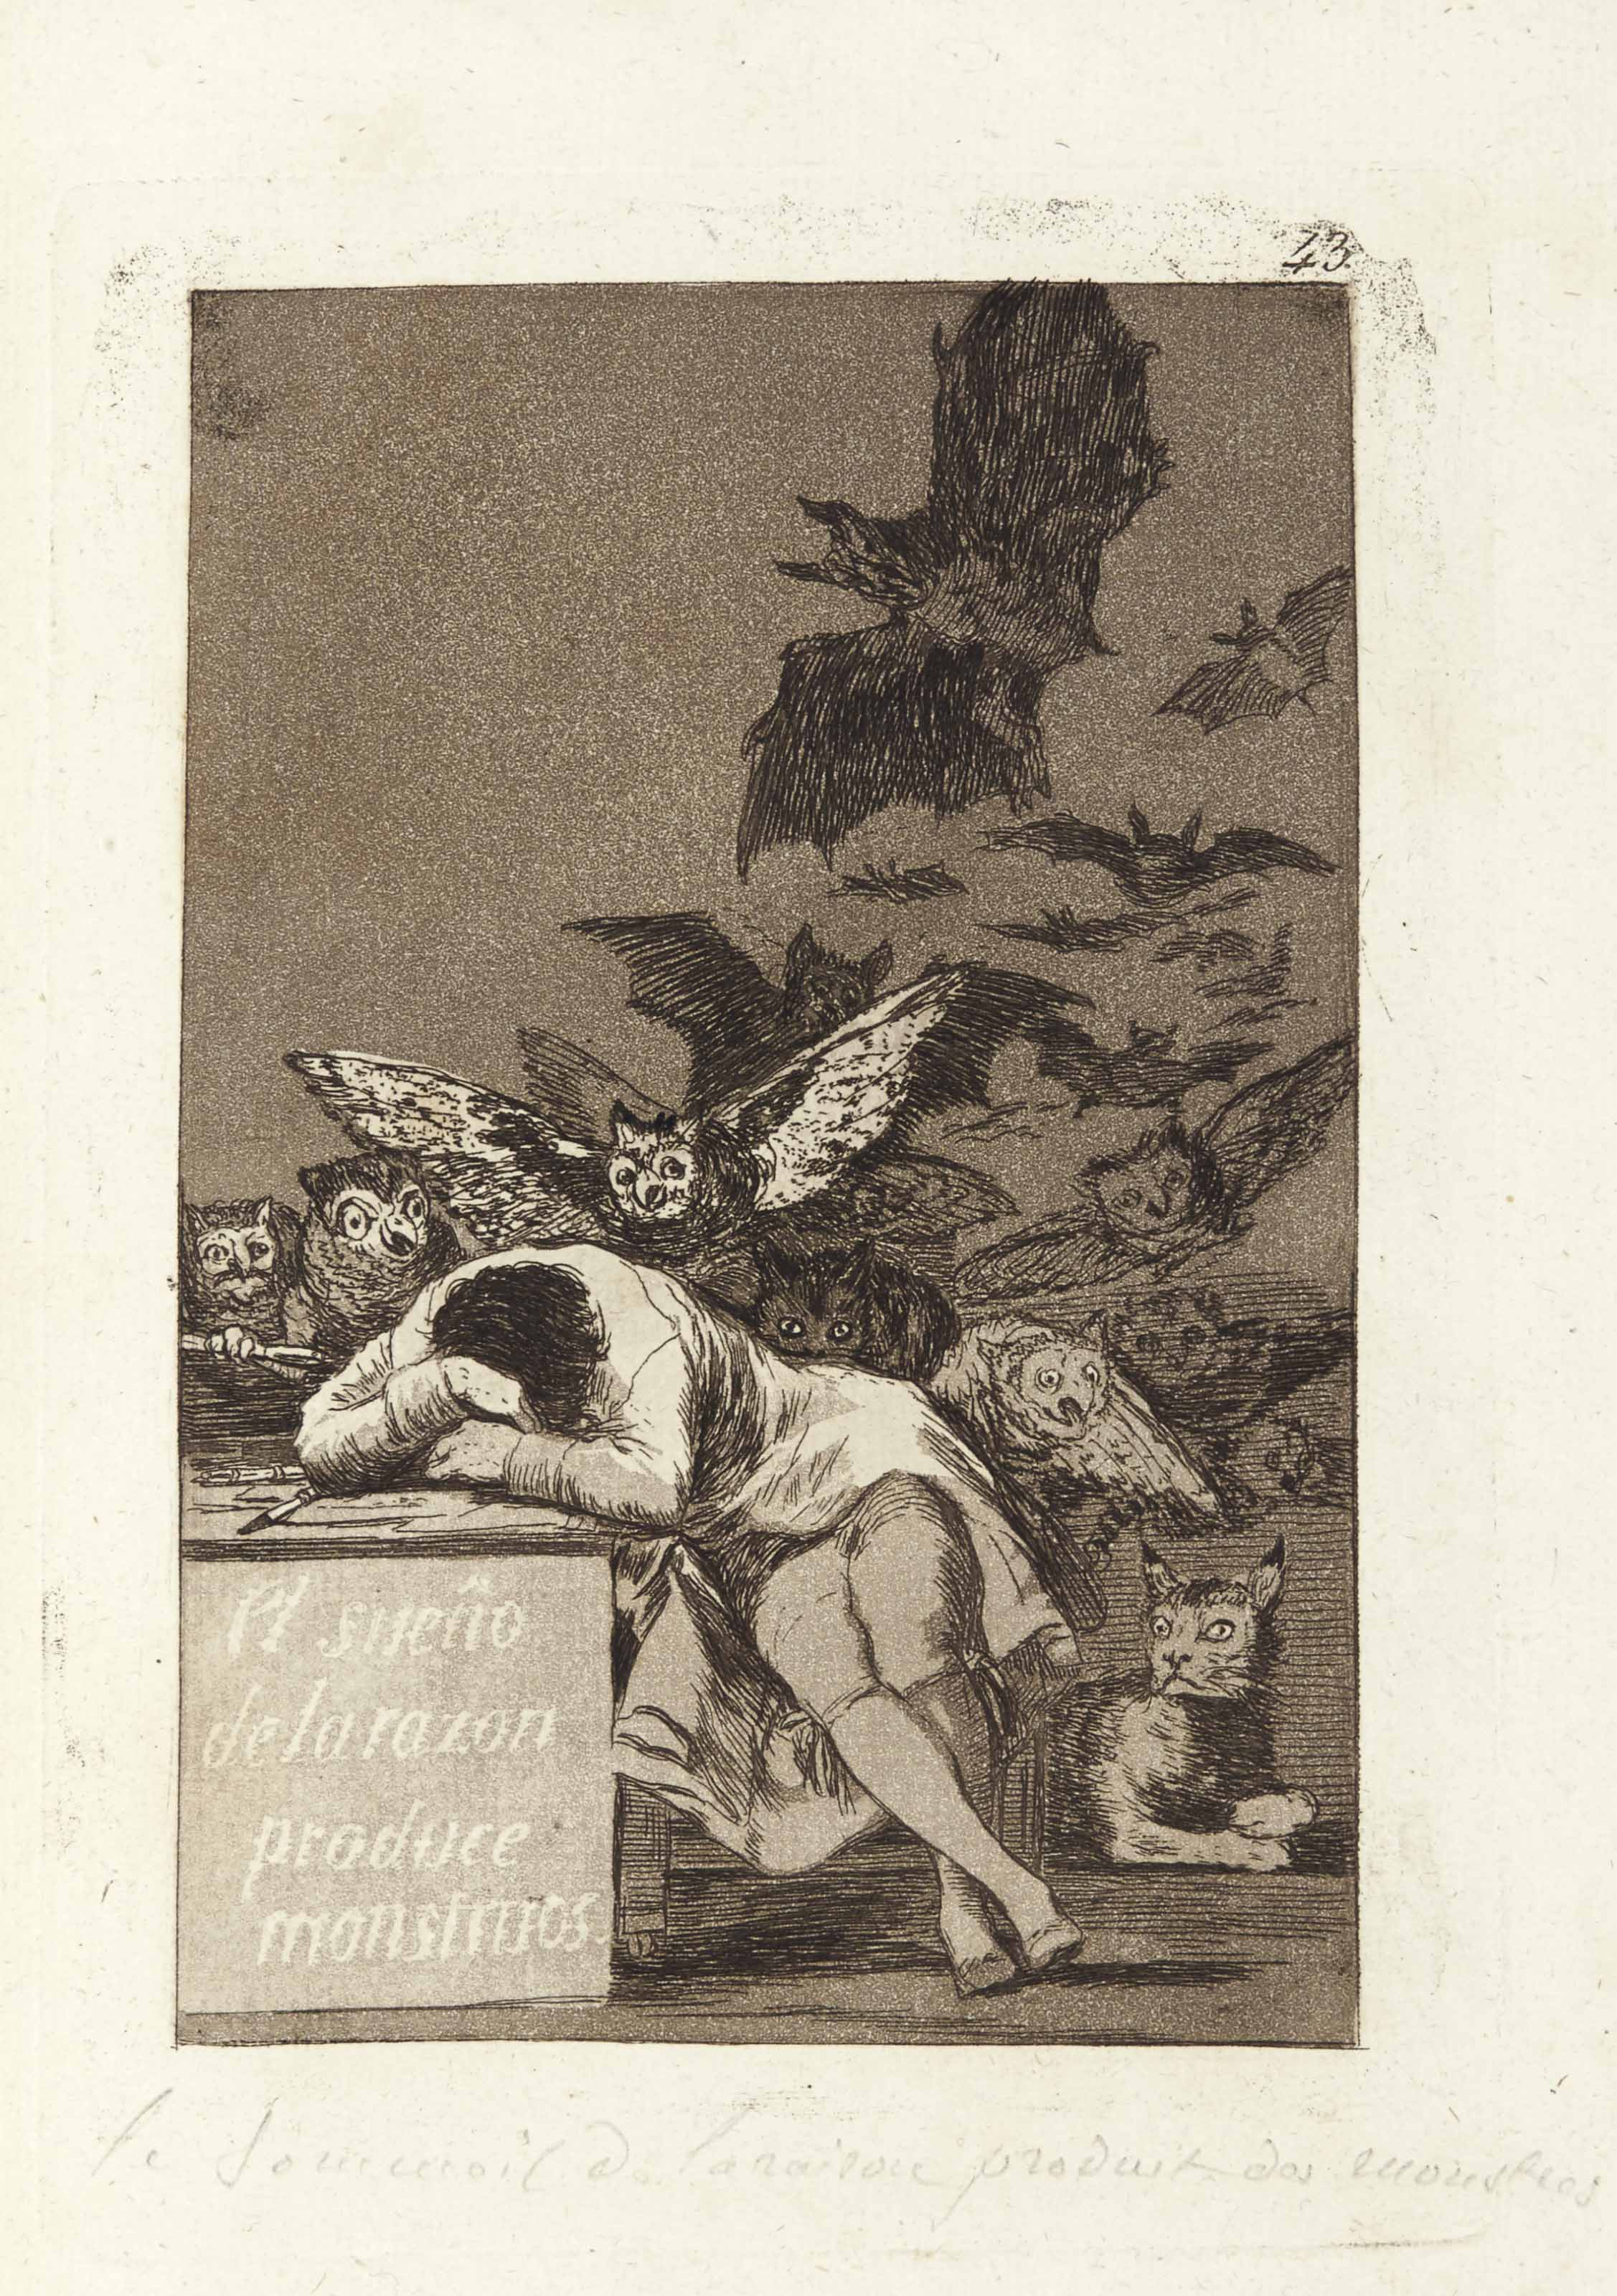 GOYA Y LUCIENTES, Francisco (1746-1828). [Los Caprichos. Madrid: probably printed by Rafael Esteve for the artist, 1799.]